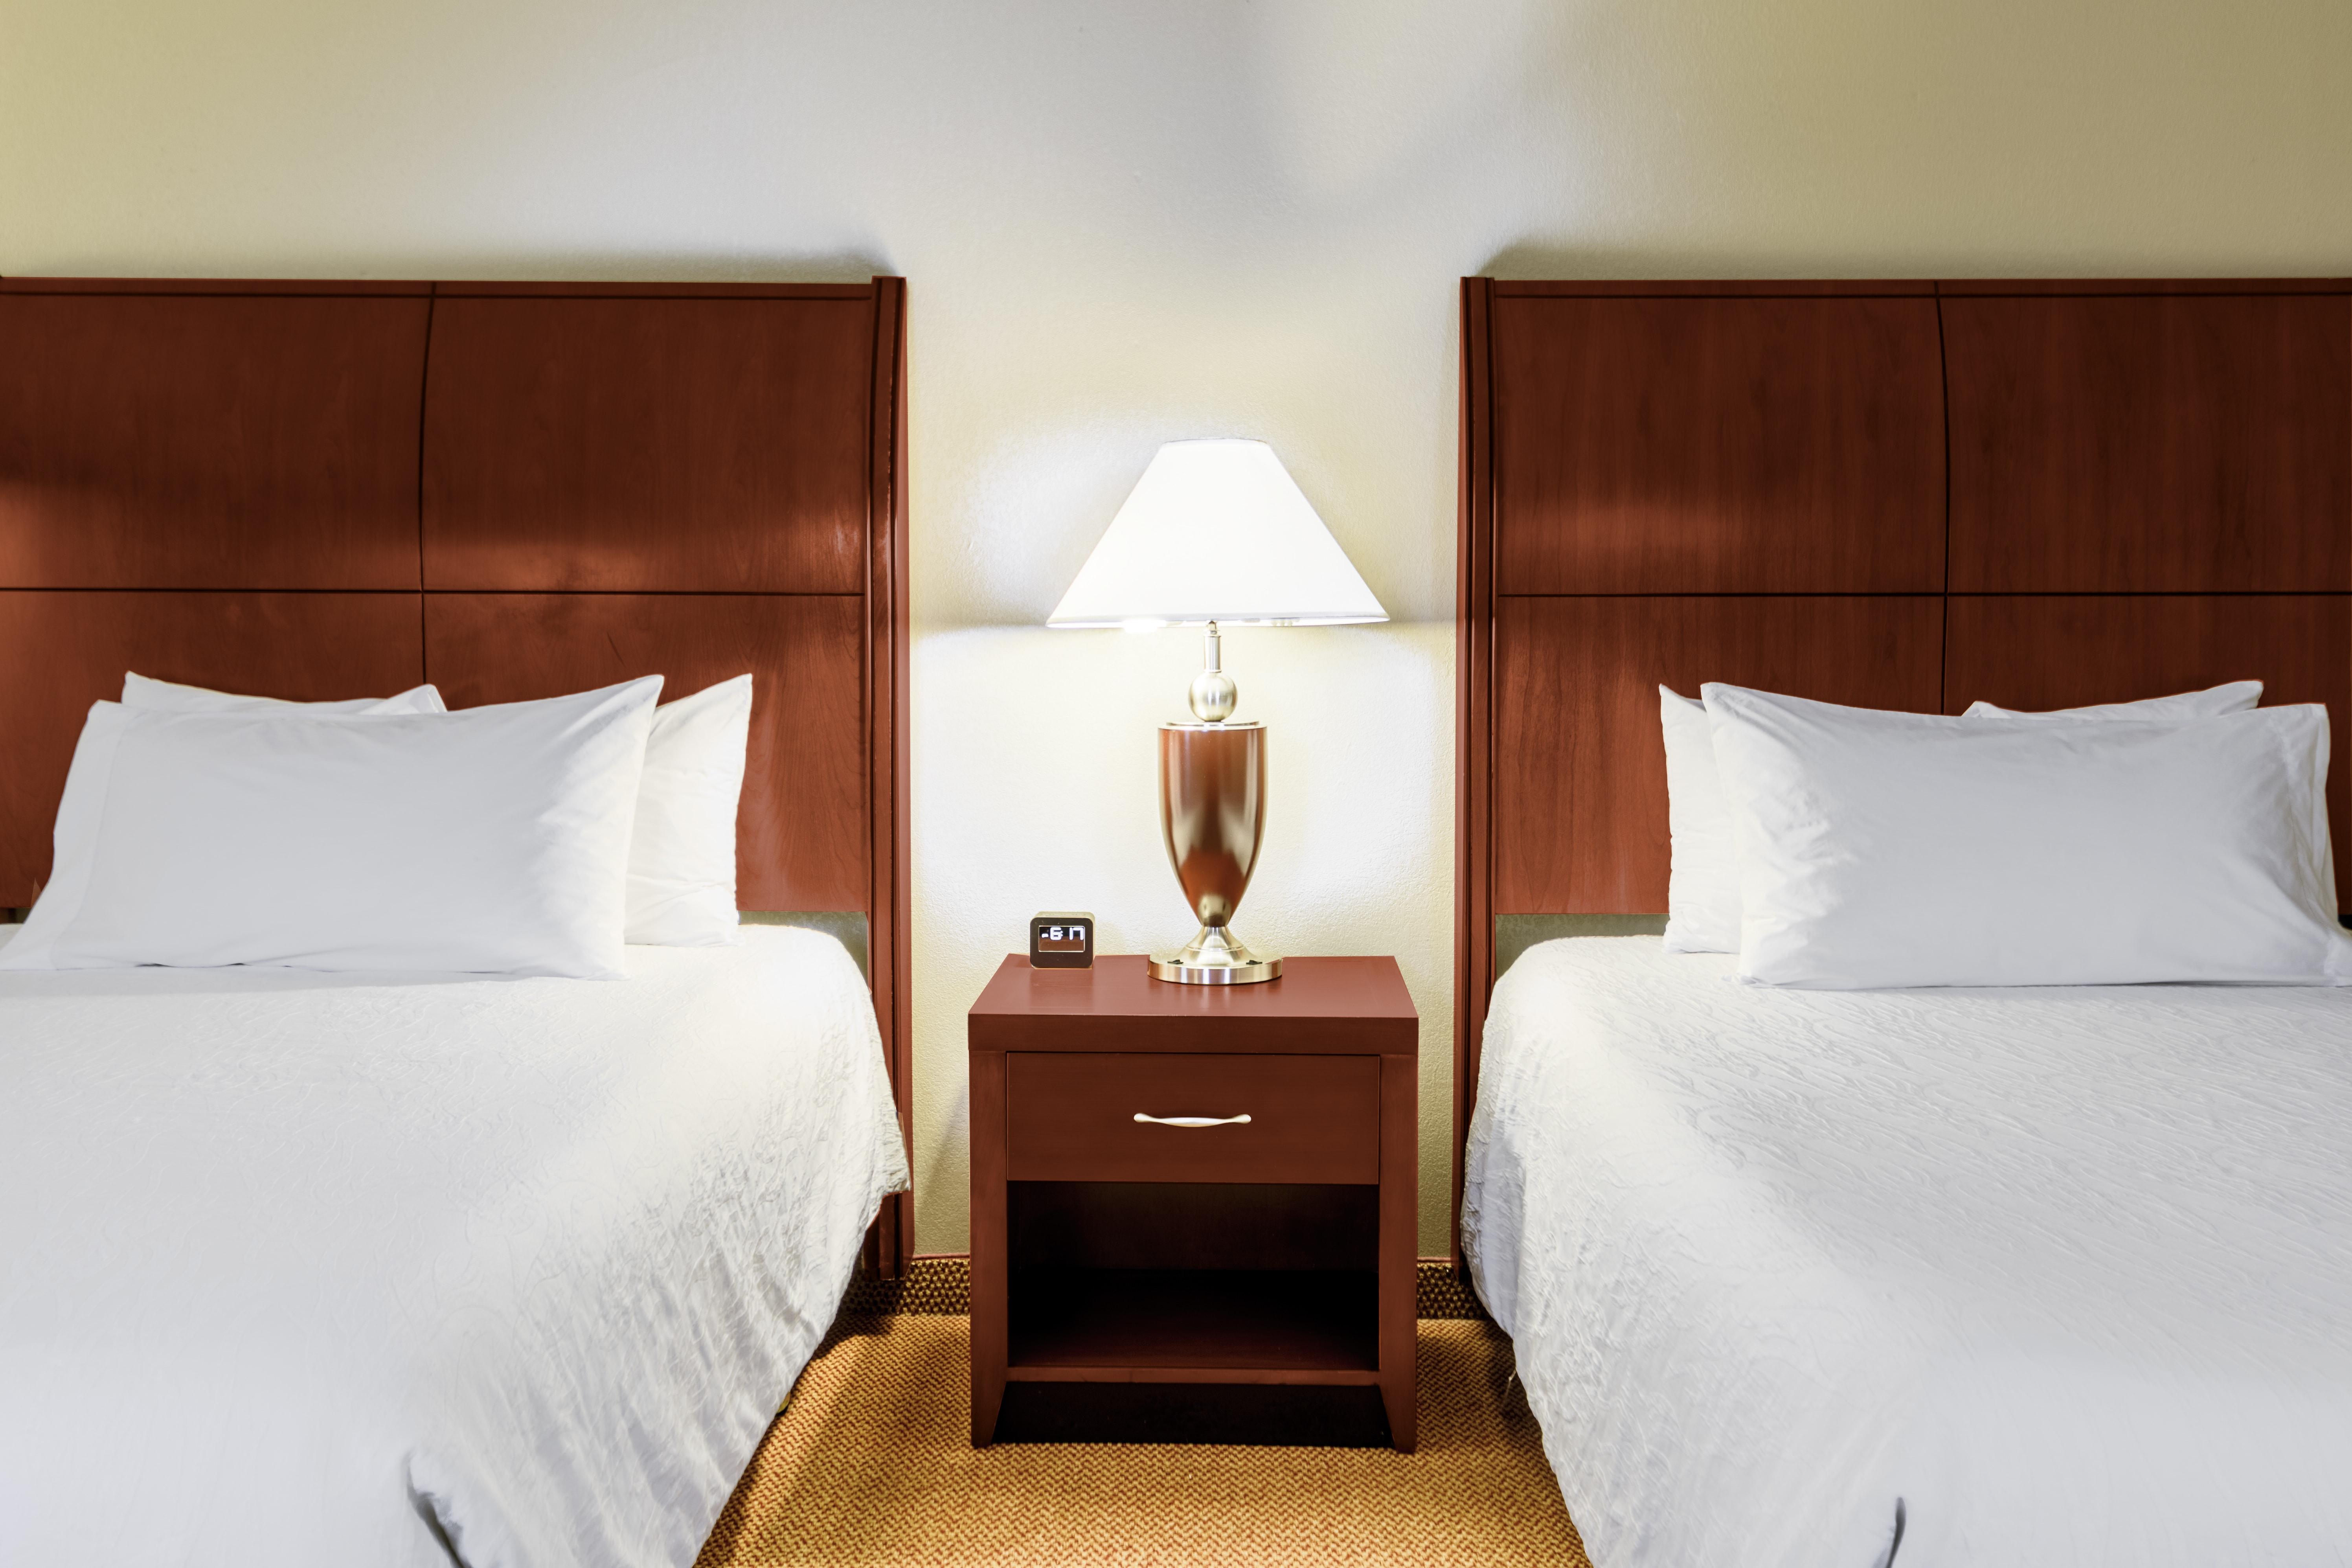 https://www.hotelsbyday.com/_data/default-hotel_image/3/15998/dsc-6069-hdra.jpg